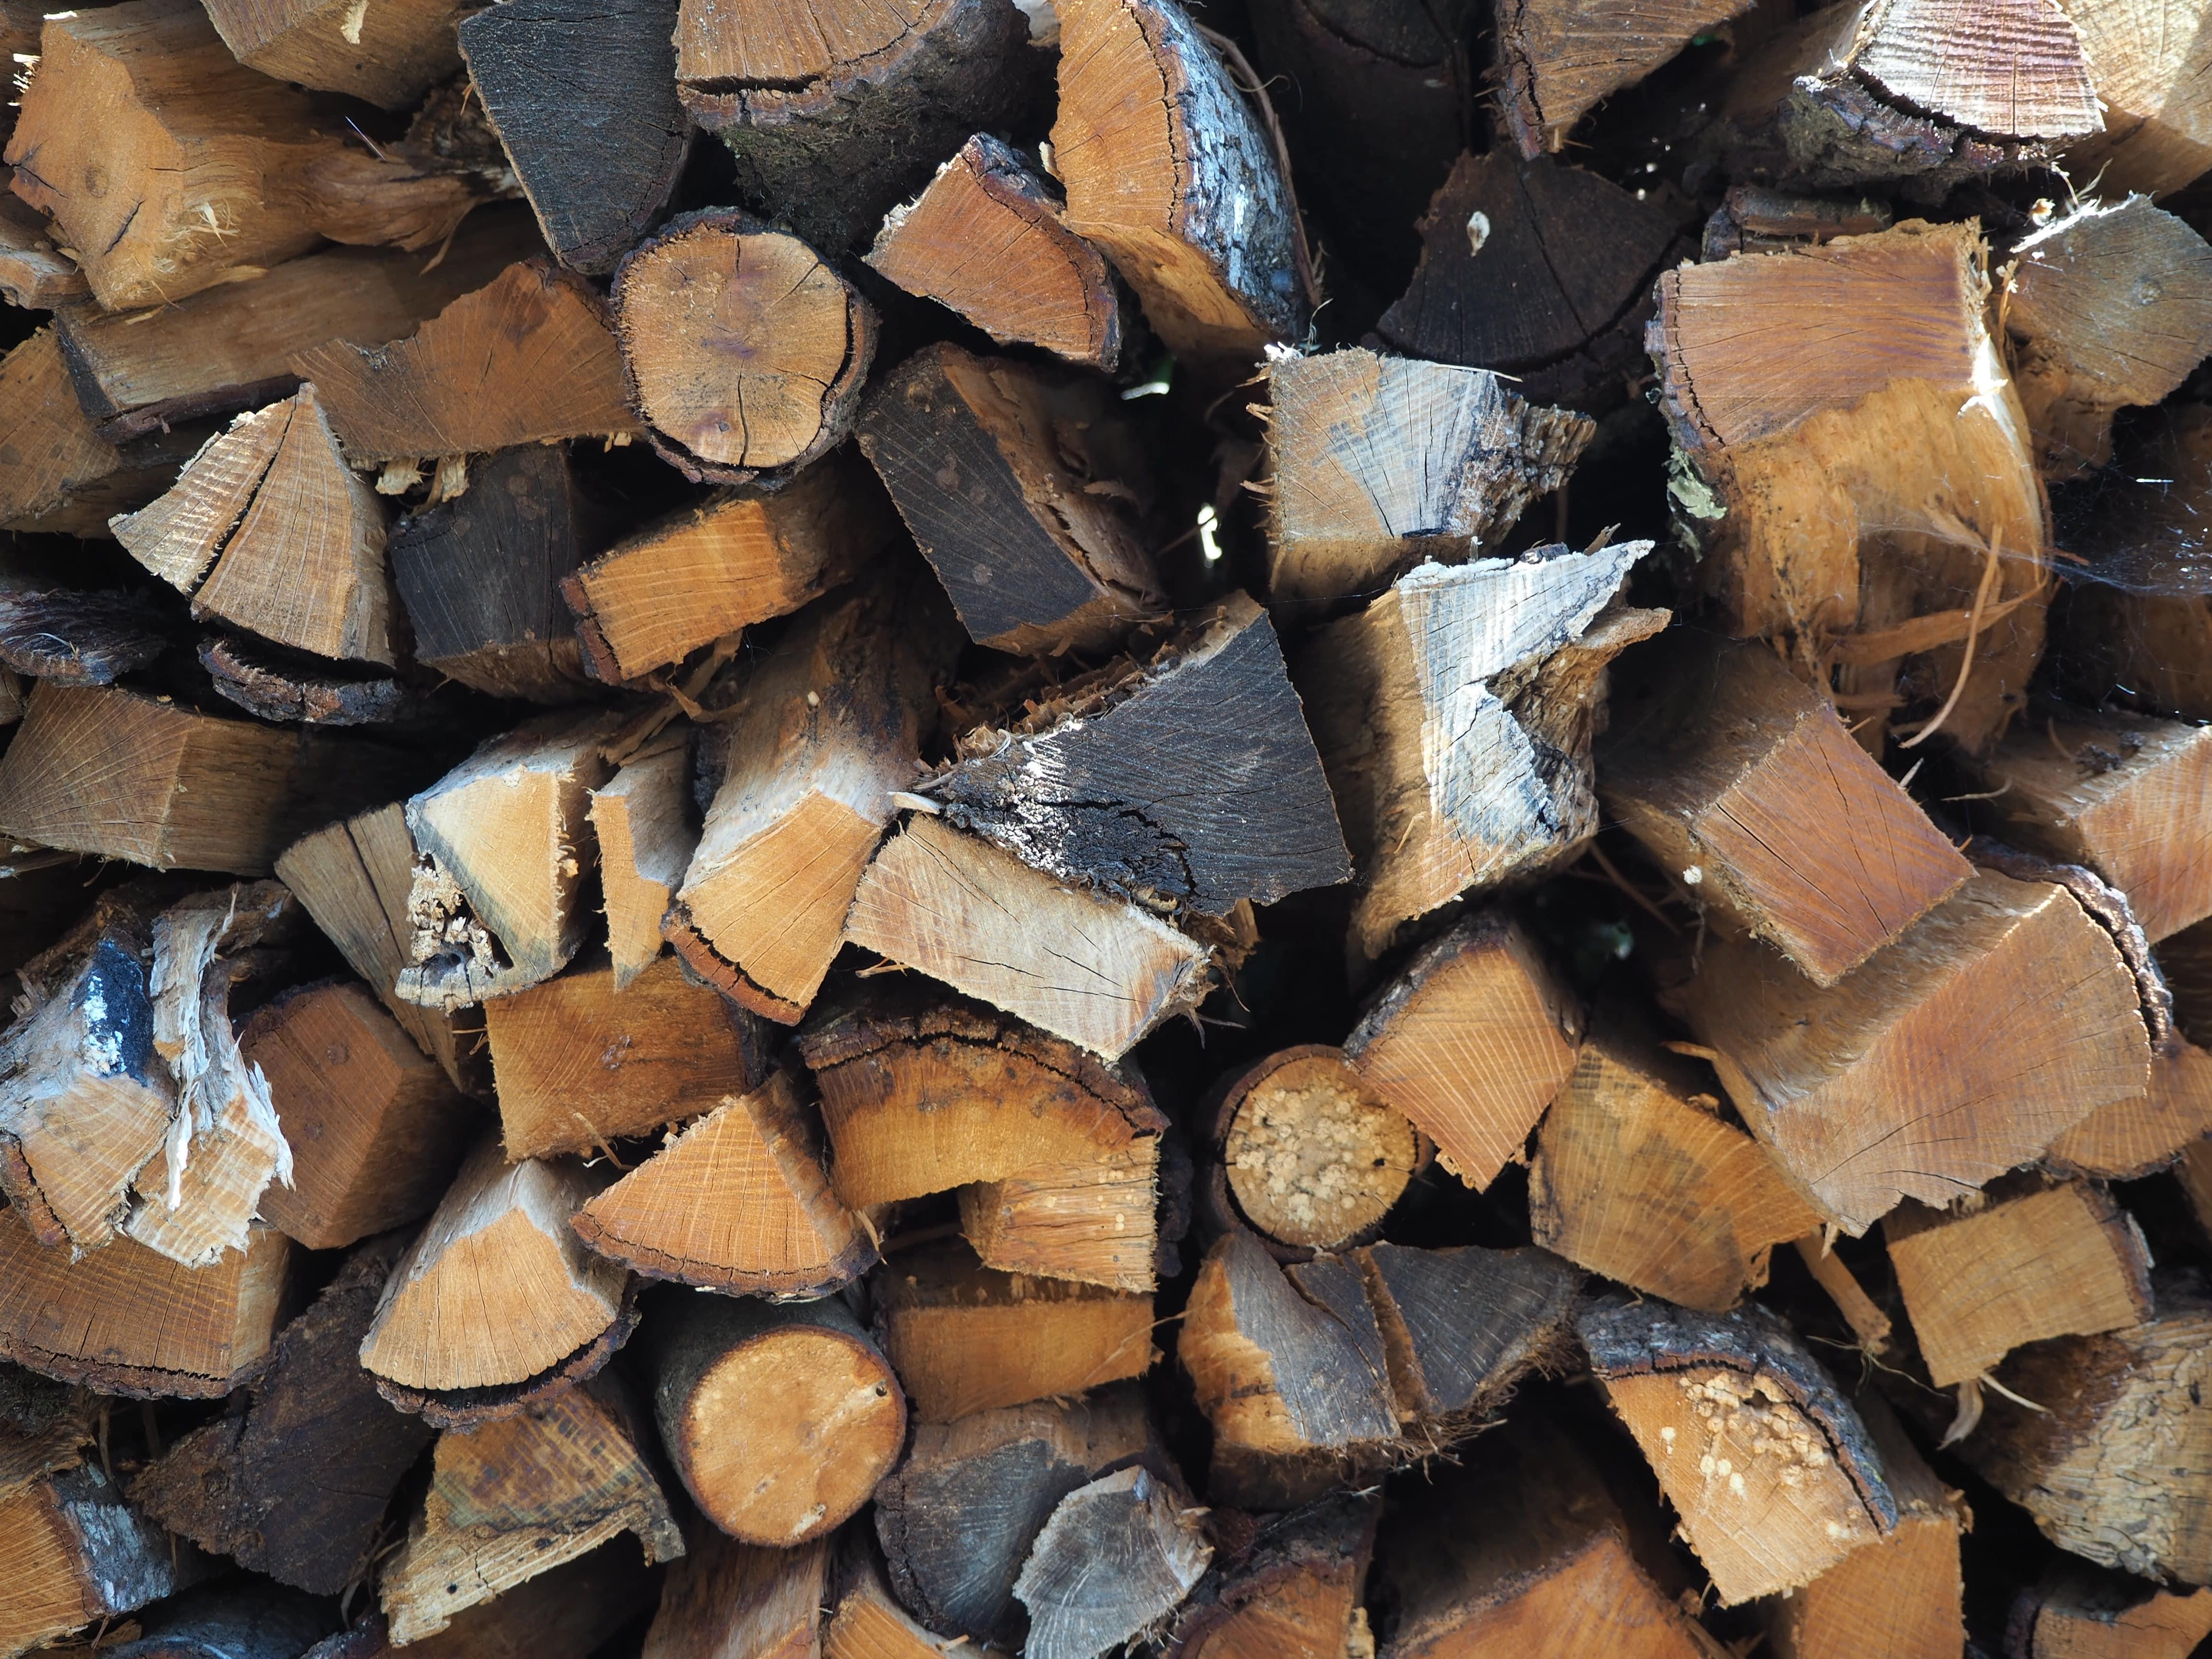 Madera de pino para nuestras letras decorativas de madera